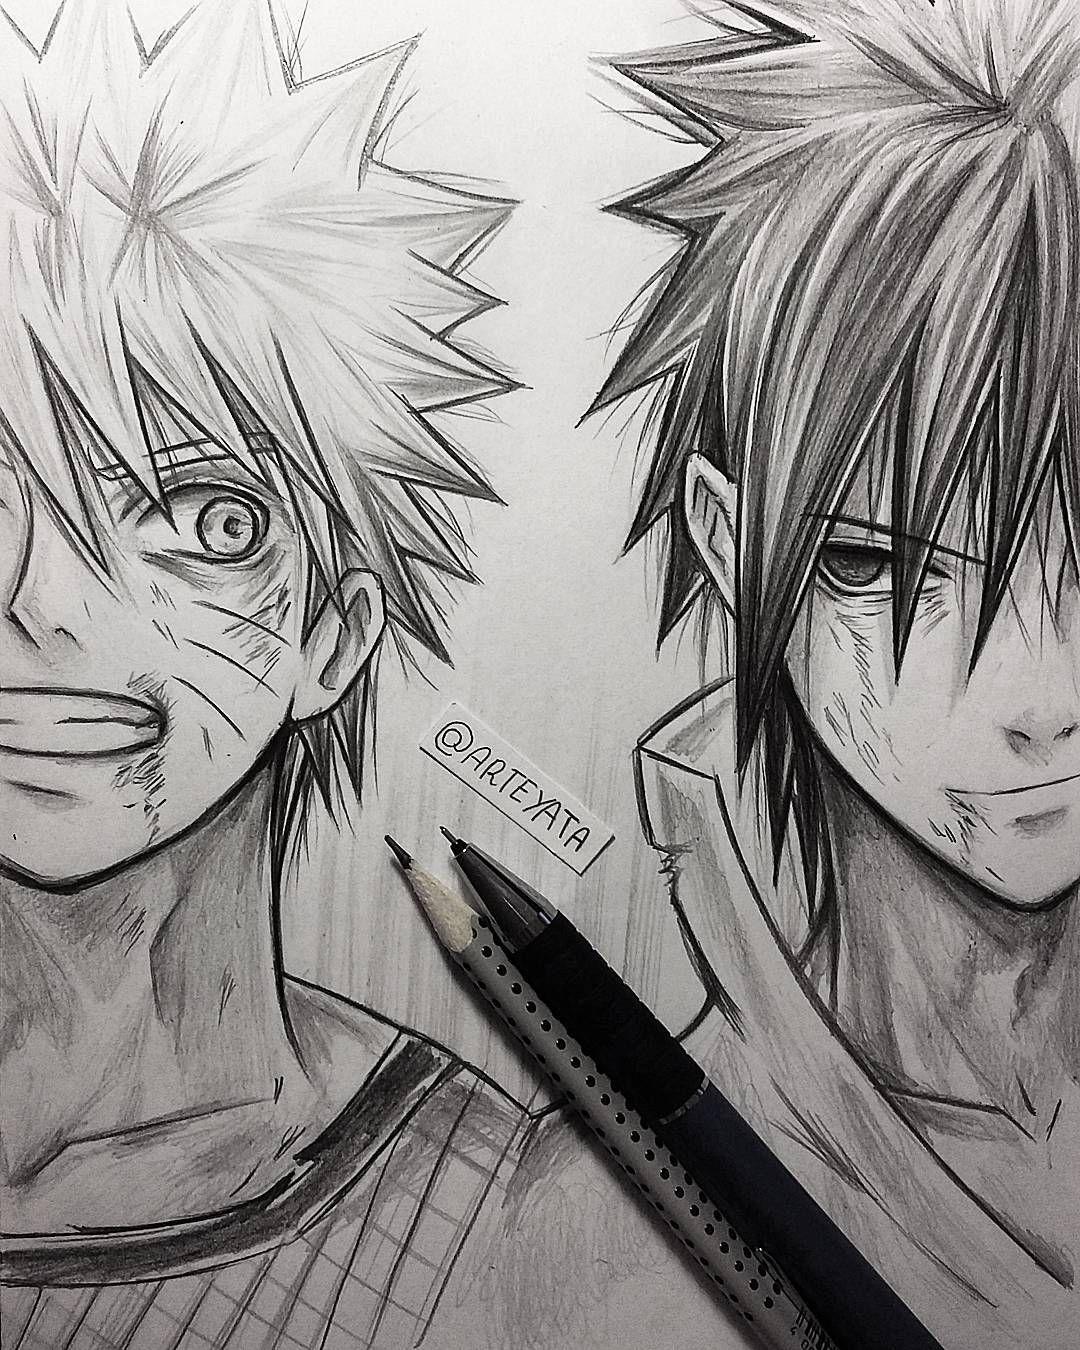 Naruto Drawings: Naruto Uzumaki & Sasuke Uchiha